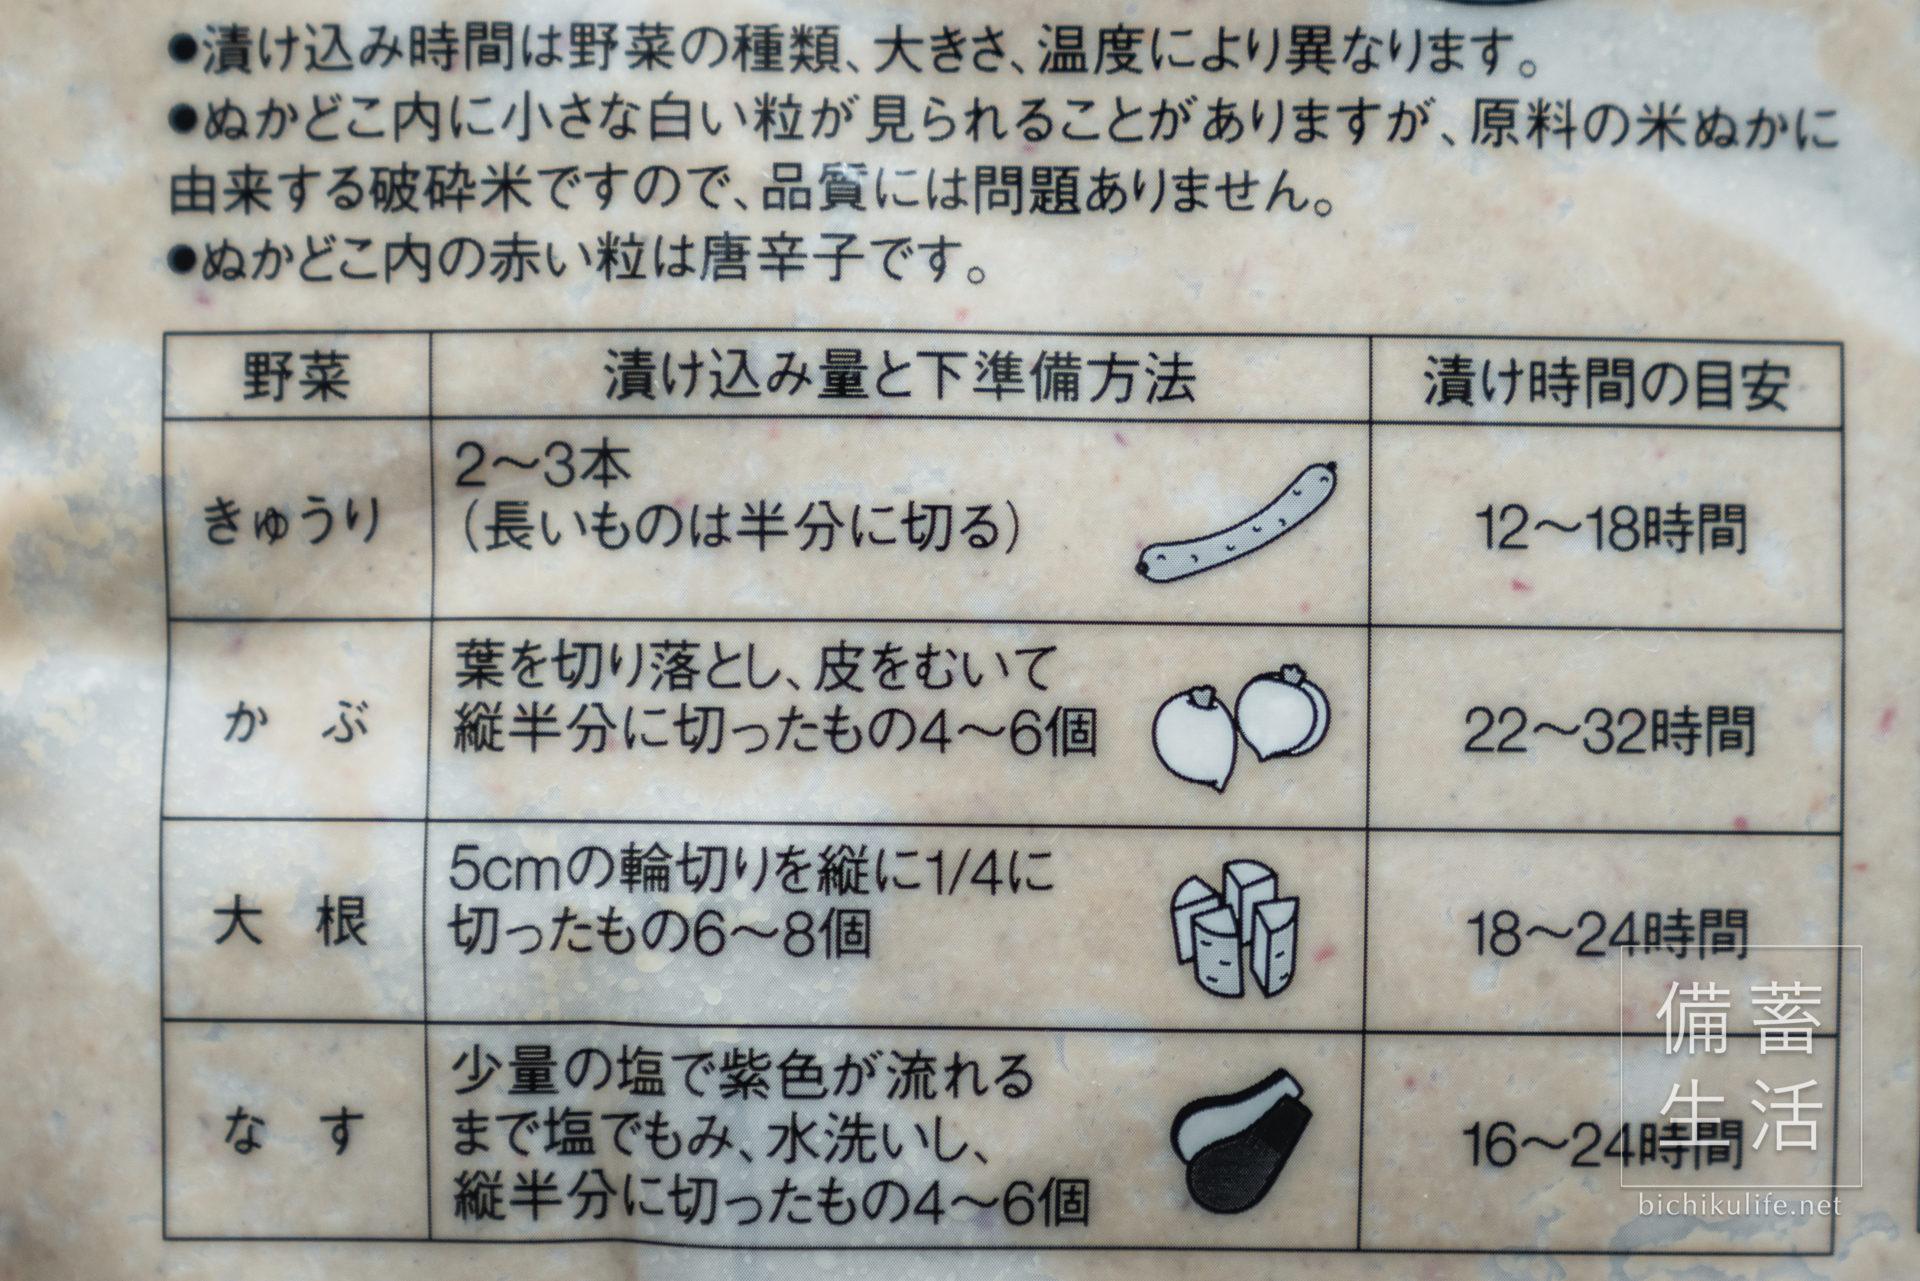 無印良品 発酵ぬかどこの漬け込み量と下準備方法